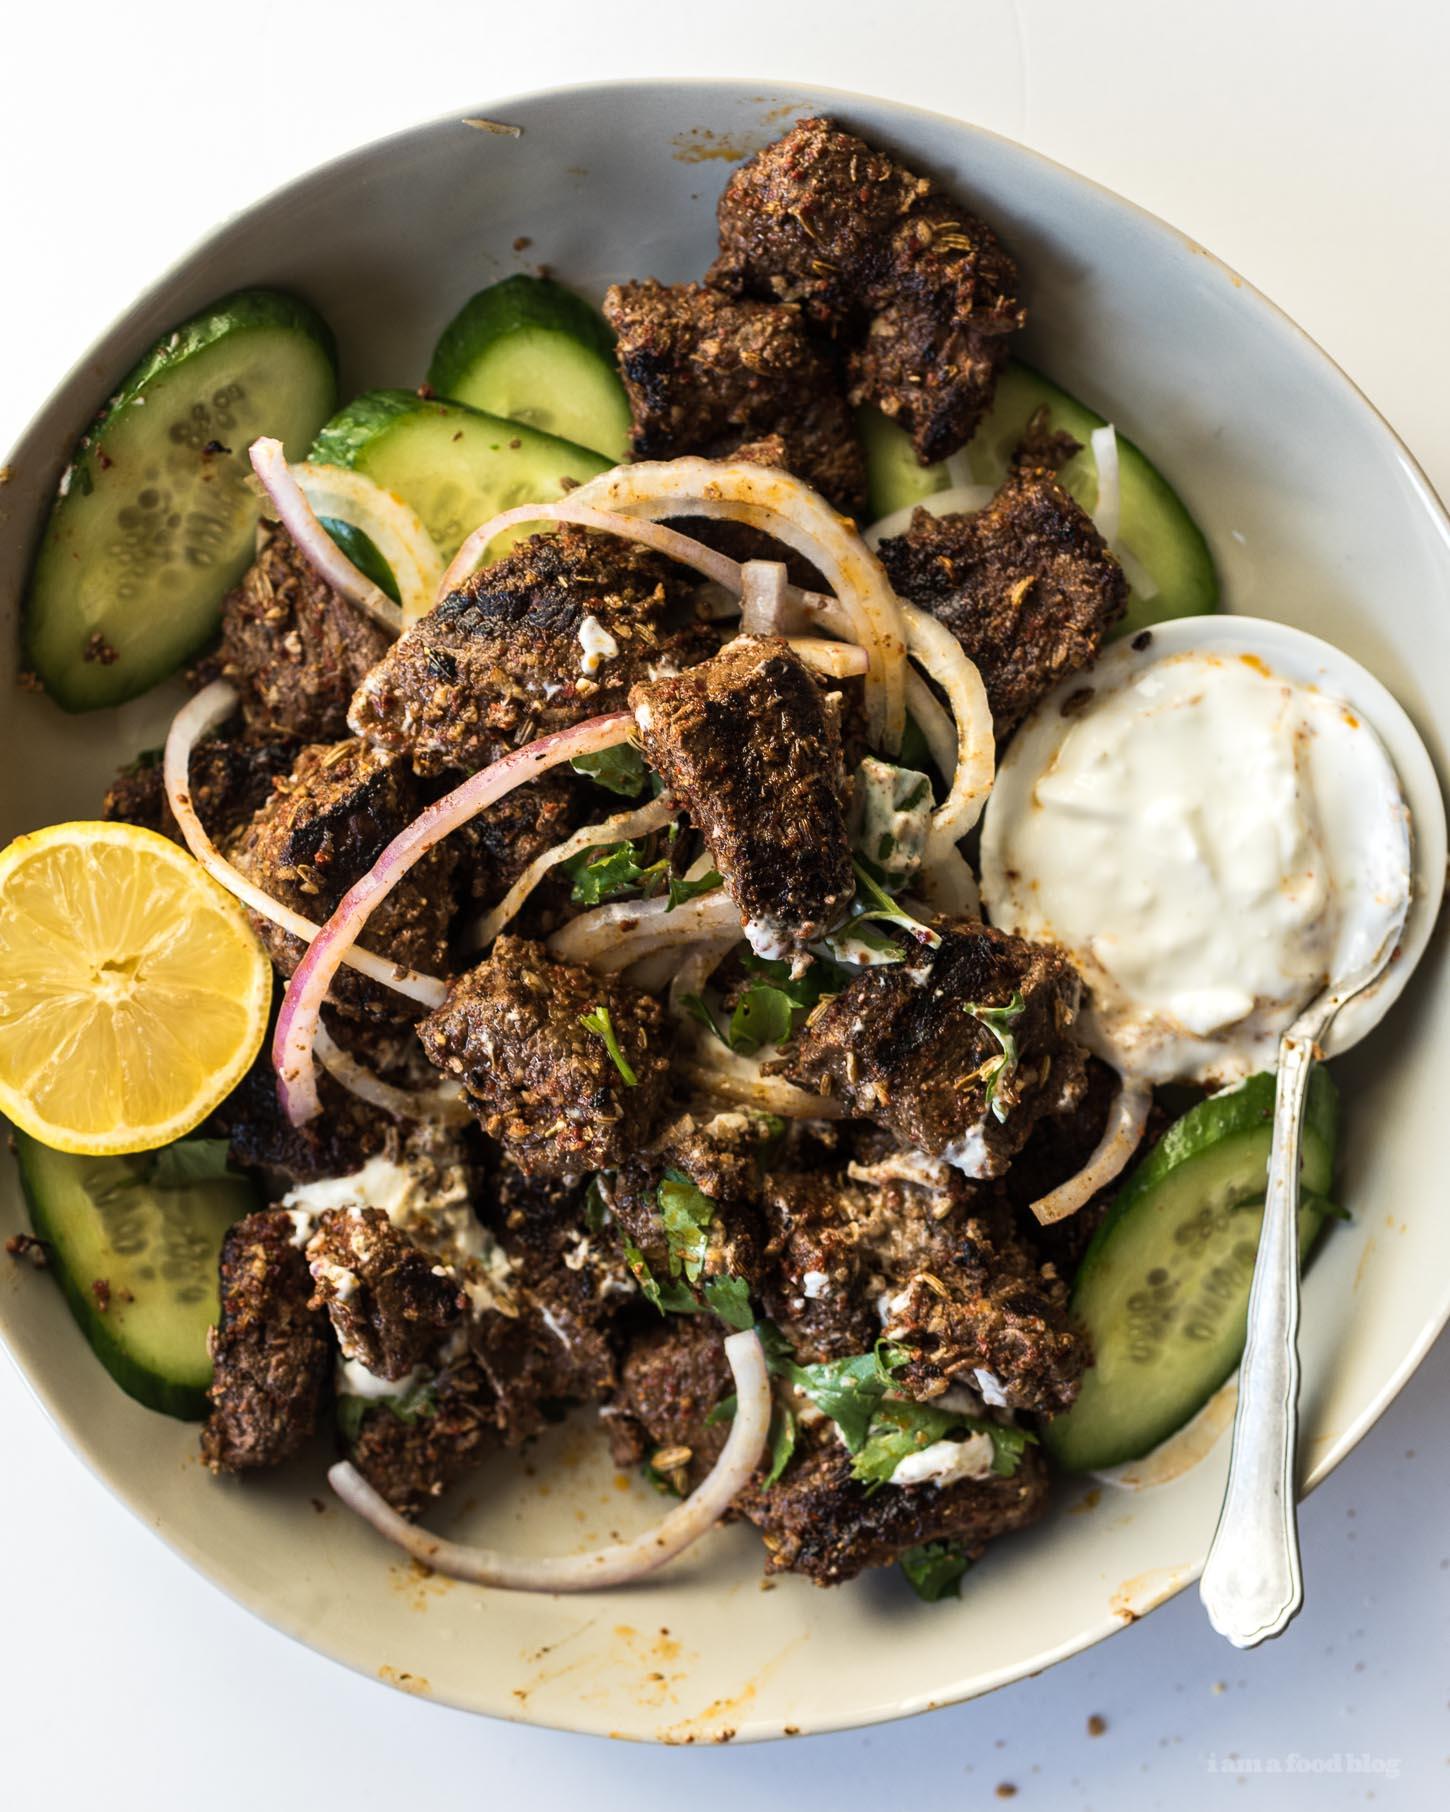 Wagyu Beef Sharwarma Recipe - www.iamafoodblog.com